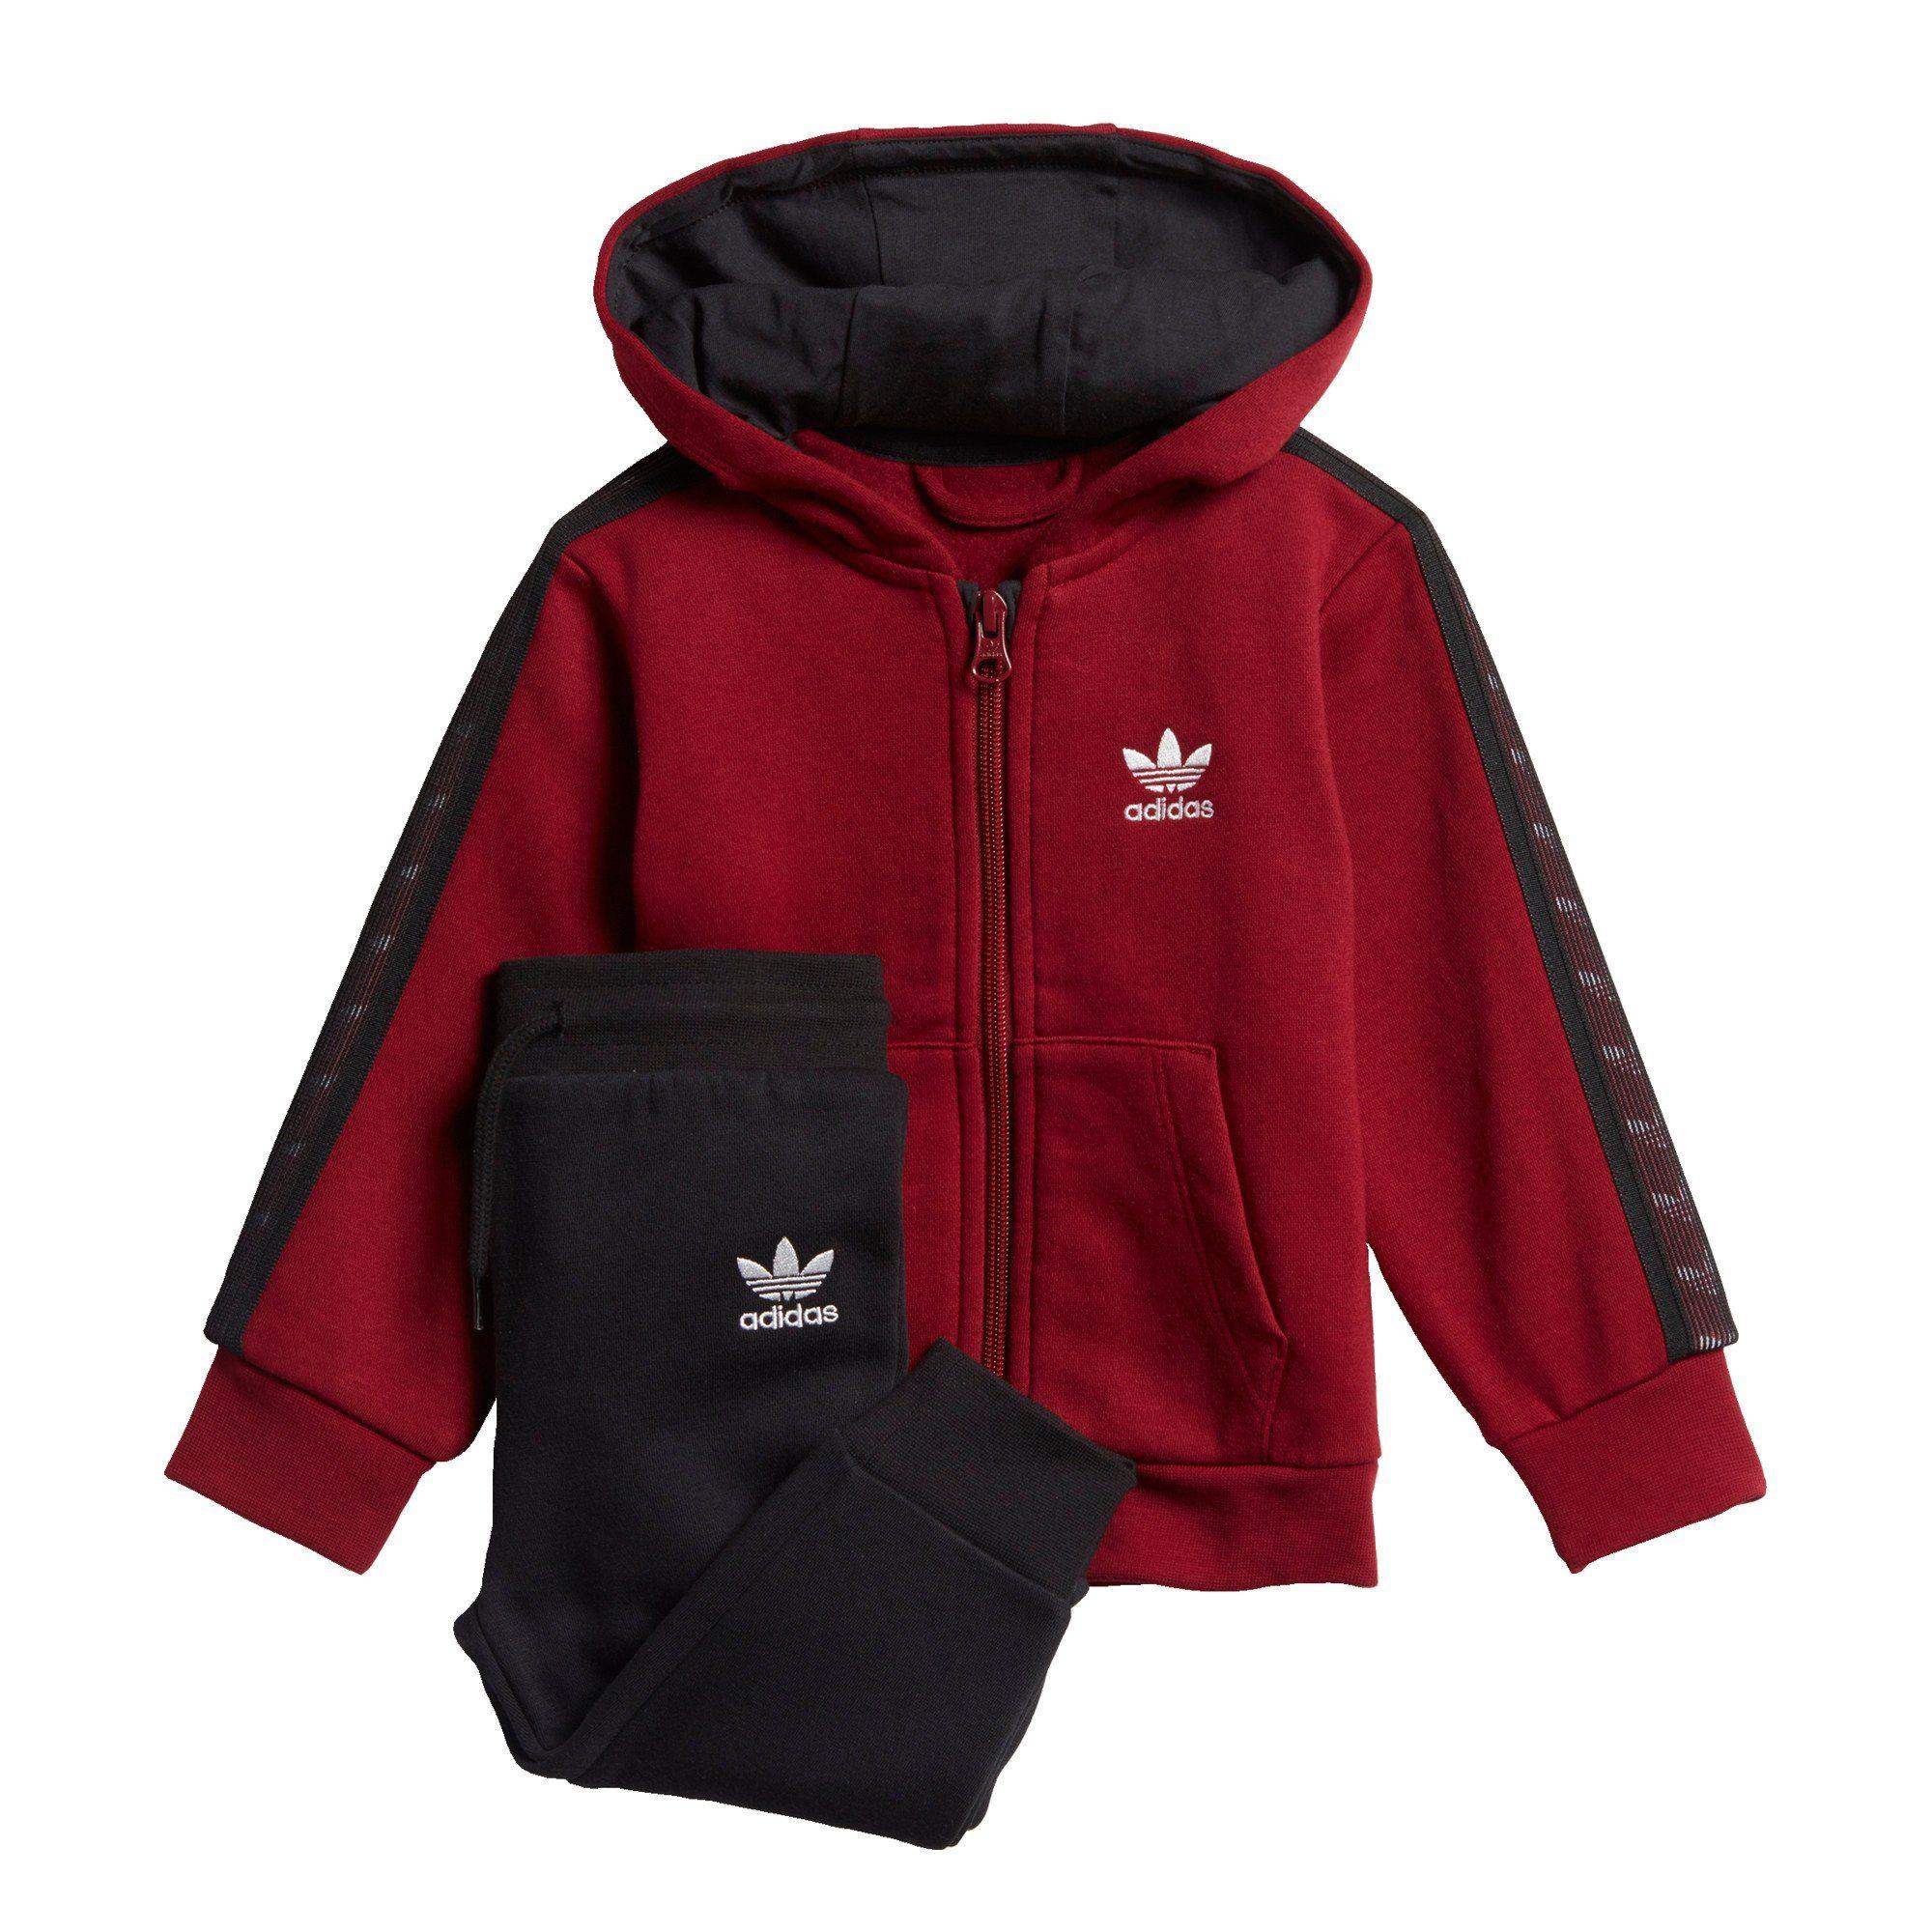 adidas Originals Trainingsanzug »Tape Hoodie Set«, Regulär geschnitten online kaufen | OTTO